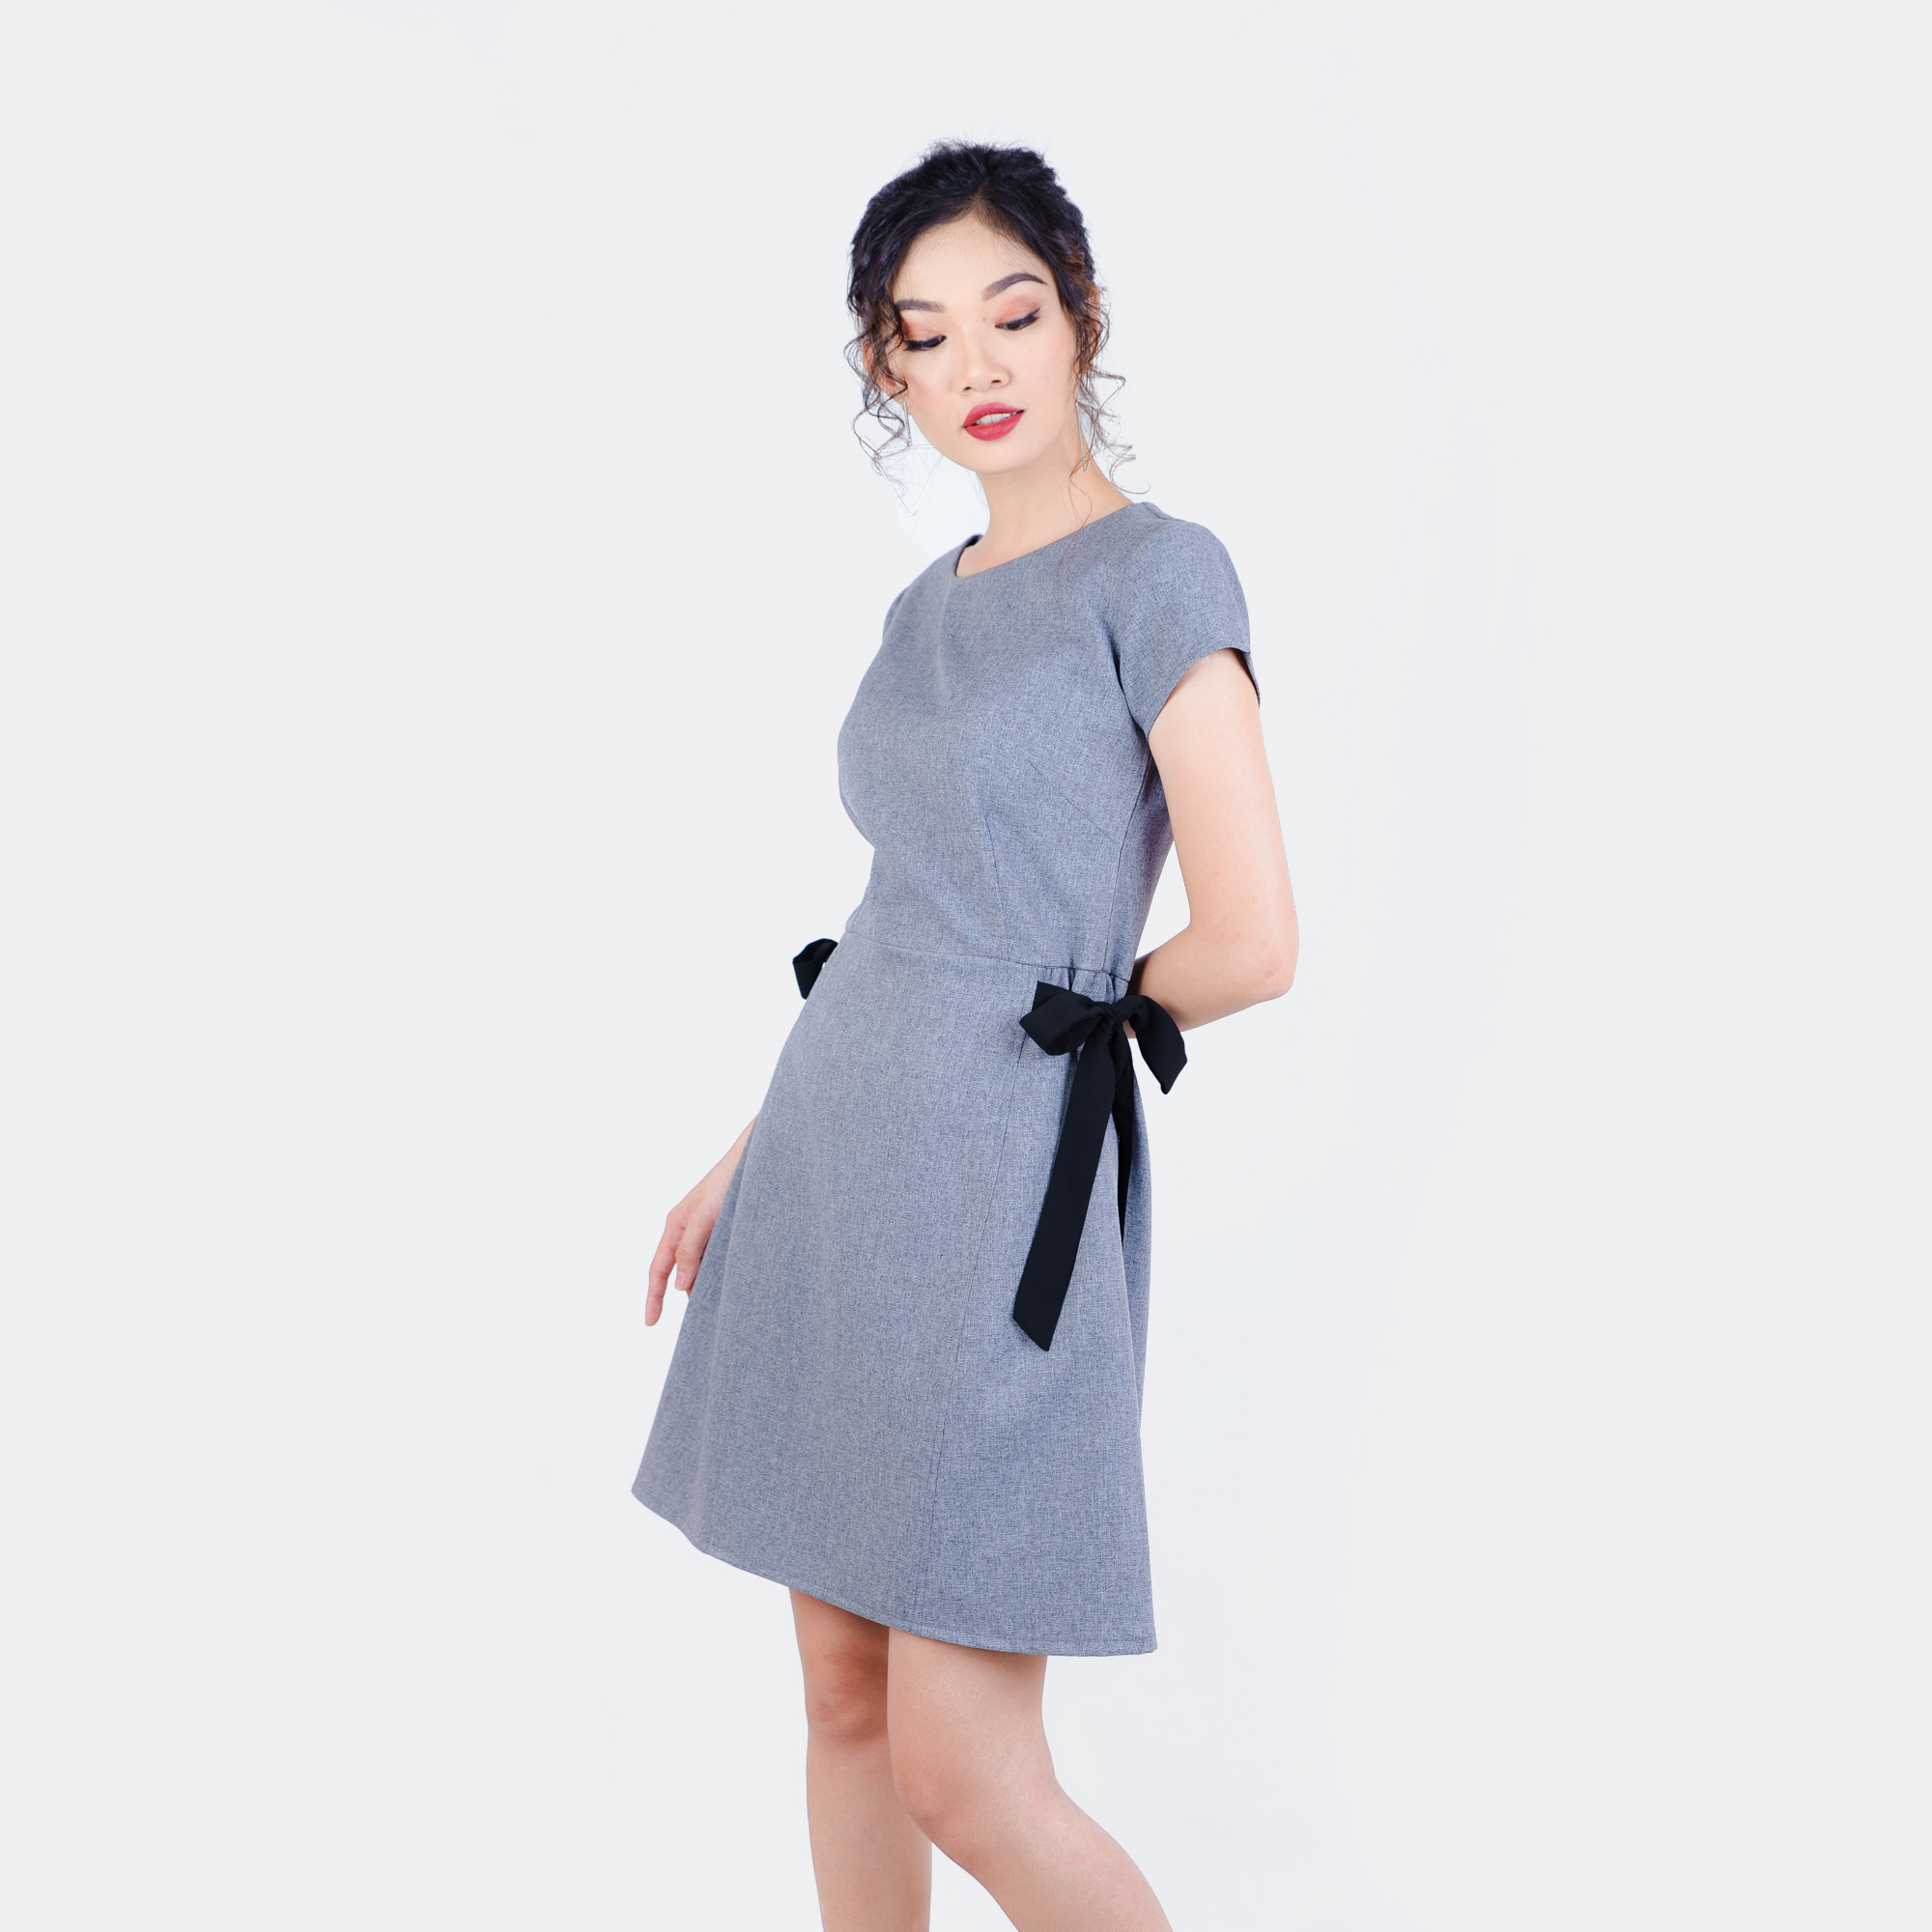 Đầm dạo phố thắt nơ eo thời trang Eden  d190